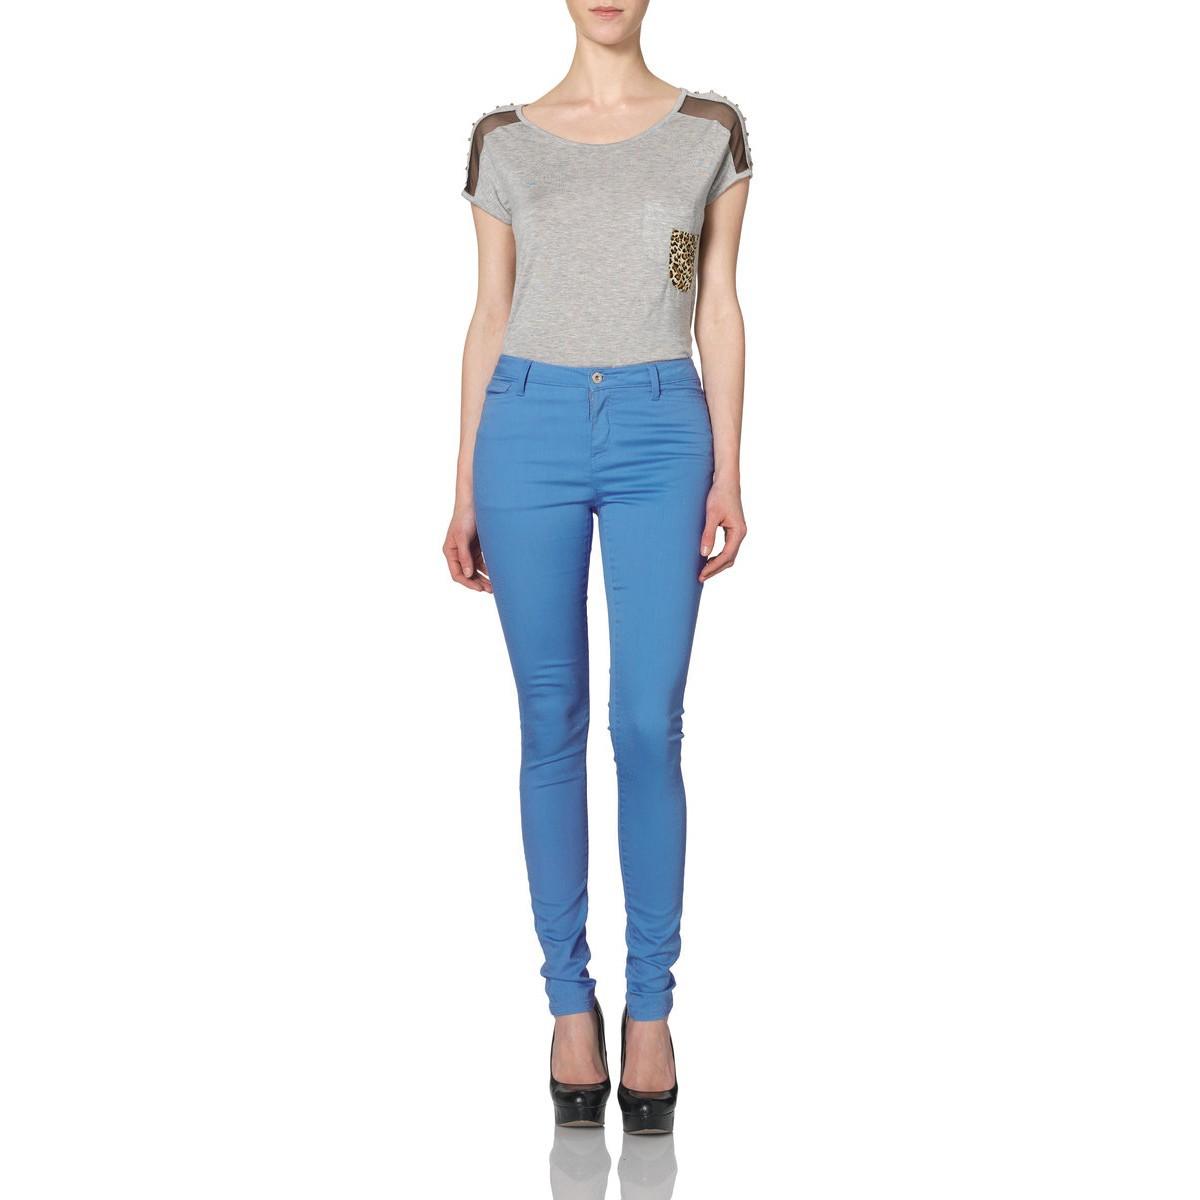 Die Jeans ist der Klassiker unter den Hosen – einst als Arbeiterhose von Levi Strauss erfunden, ist sie aus der heutigen Mode nicht mehr wegzudenken und natürlich schon längst salonfähig. In der Damenmode gibt es kaum ein variableres Kleidungsstück, /5(K).